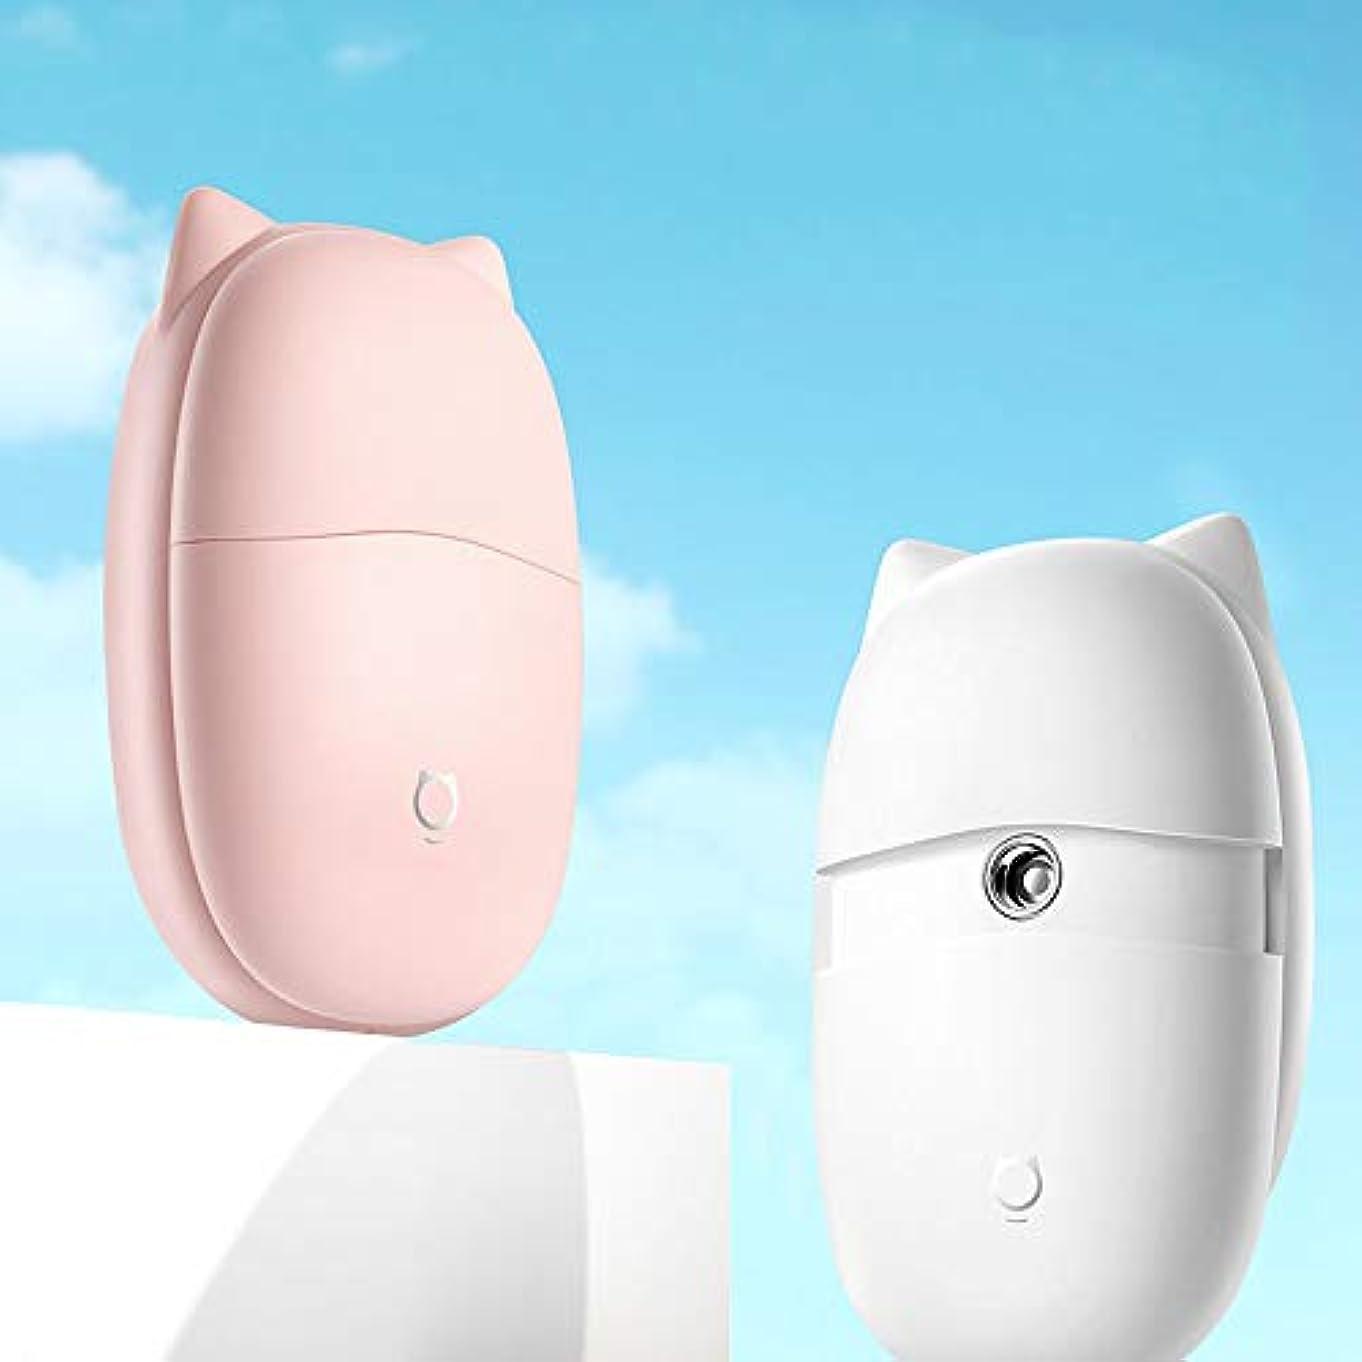 受信機付録憂鬱なZXF 新しいミニハンドヘルドポータブルナノスプレースチームフェイスフェイシャル美容加湿器スプレーウサギ猫水道メーター美容機器ホワイトピンク 滑らかである (色 : Pink)